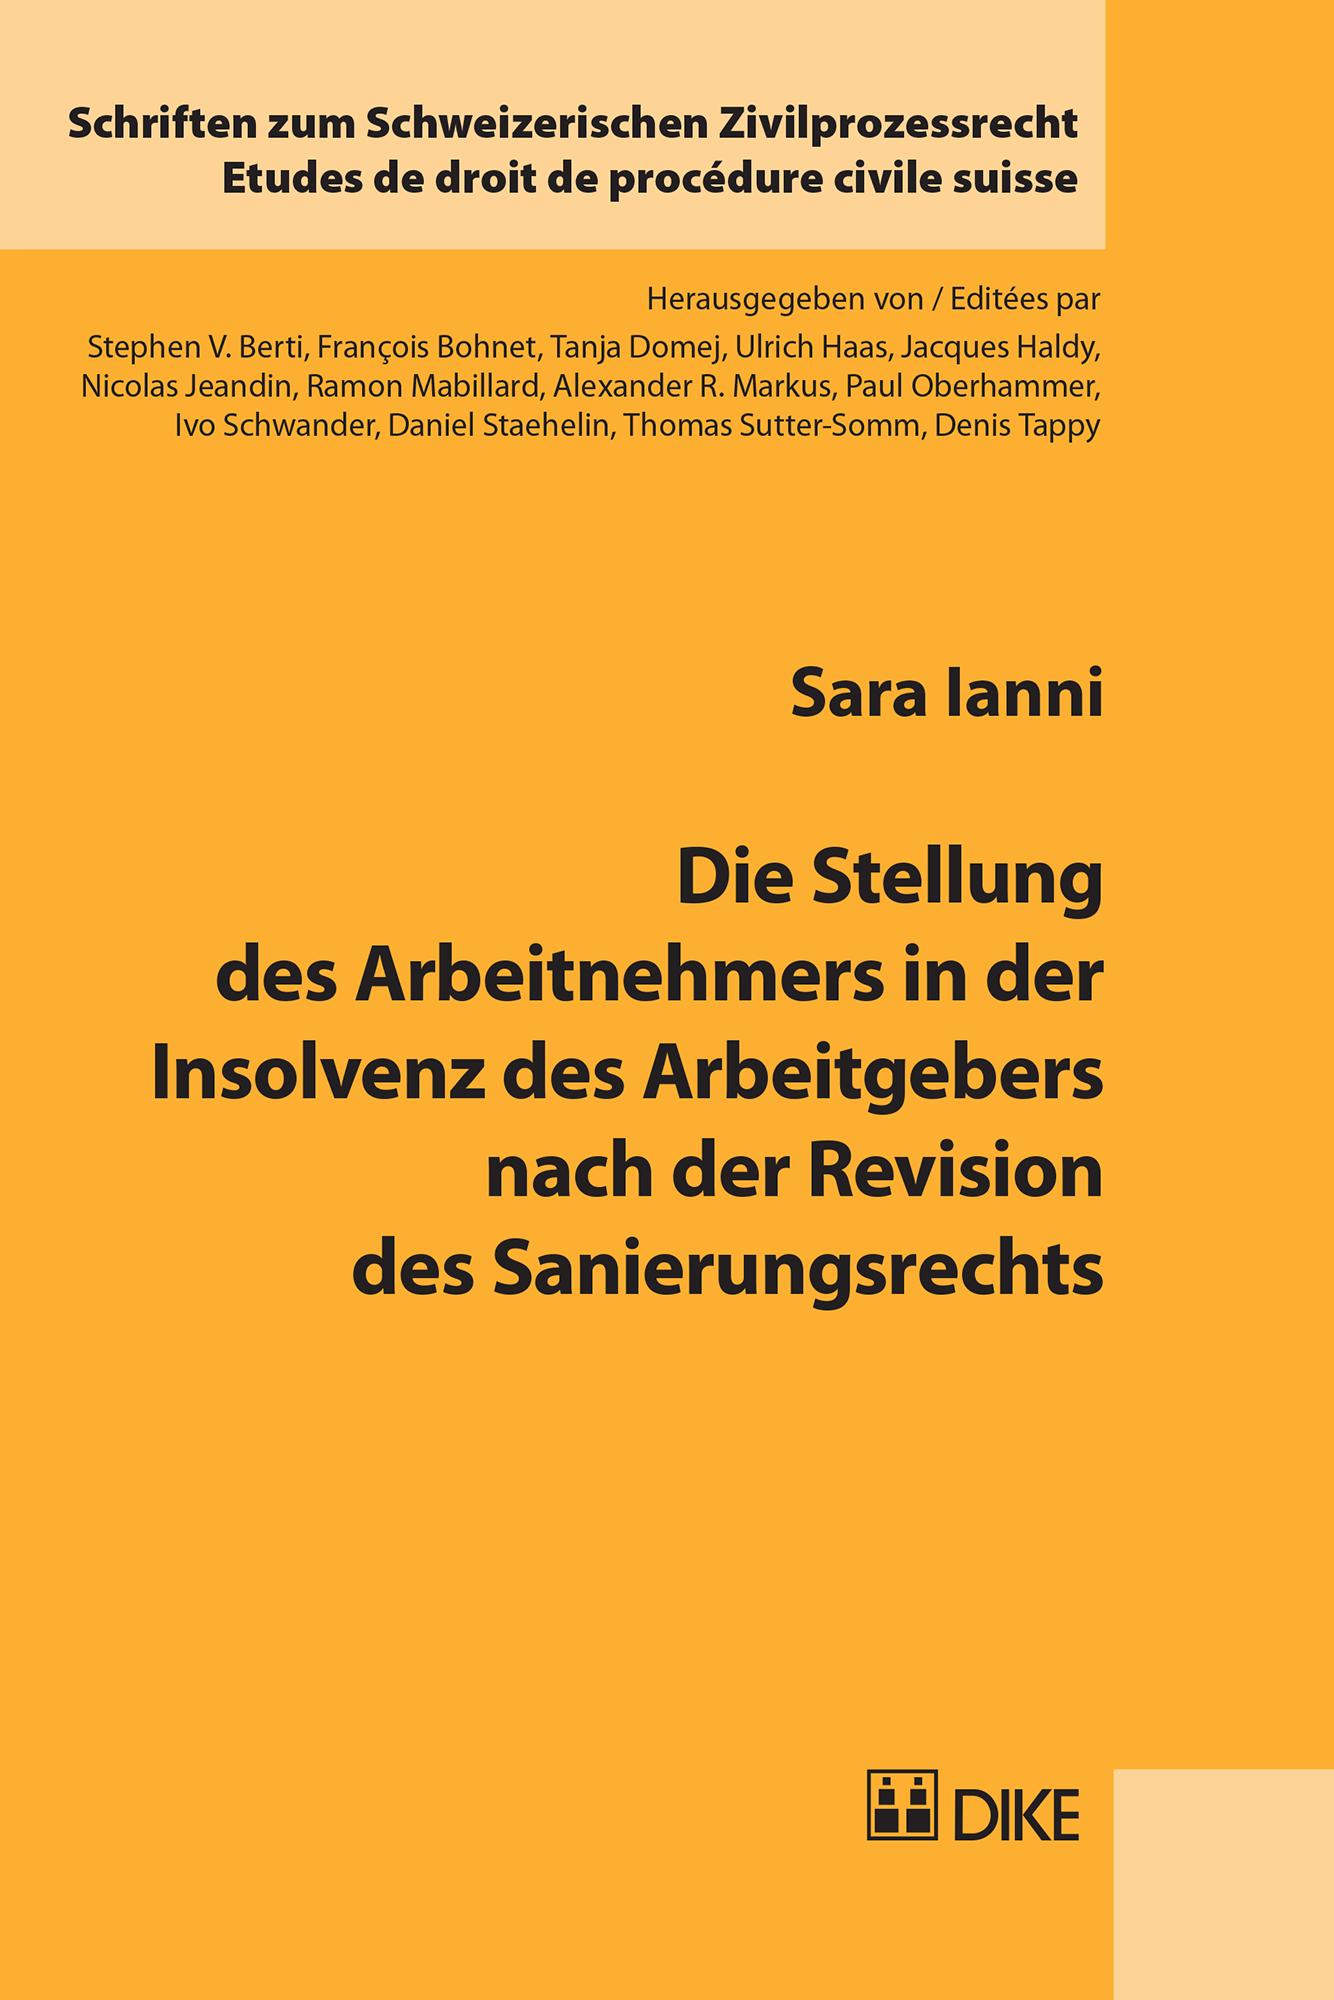 Die Stellung des Arbeitnehmers in der Insolvenz des Arbeitgebers nach der Revision des Sanierungsrechts